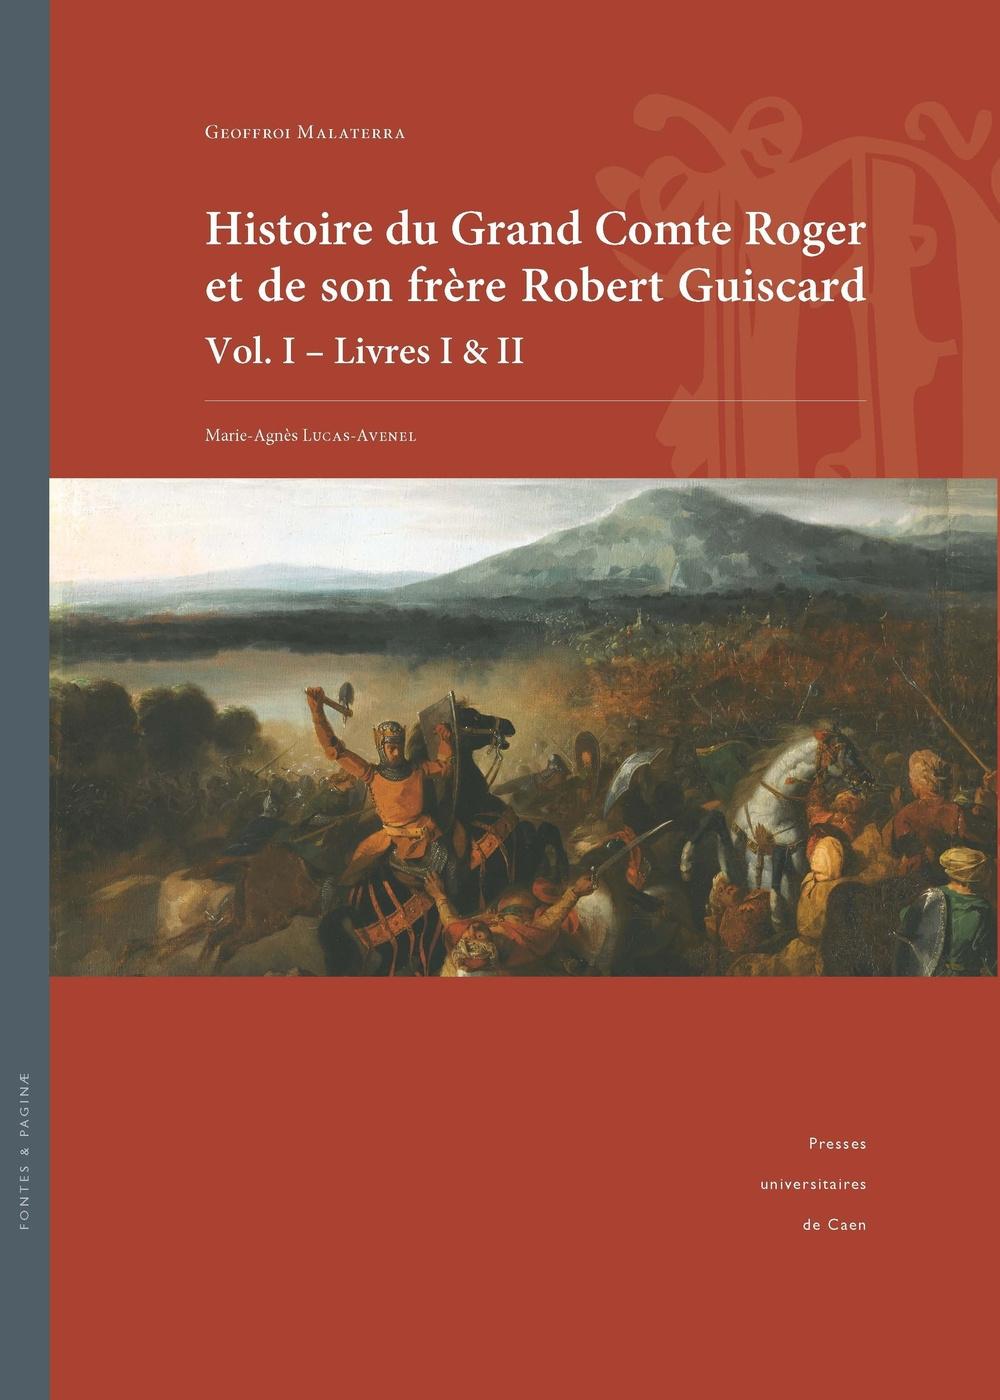 HISTOIRE DU GRAND COMTE ROGER ET DE SON FRERE ROBERT GUISCARD. VOL. I  - LIVRES I & II